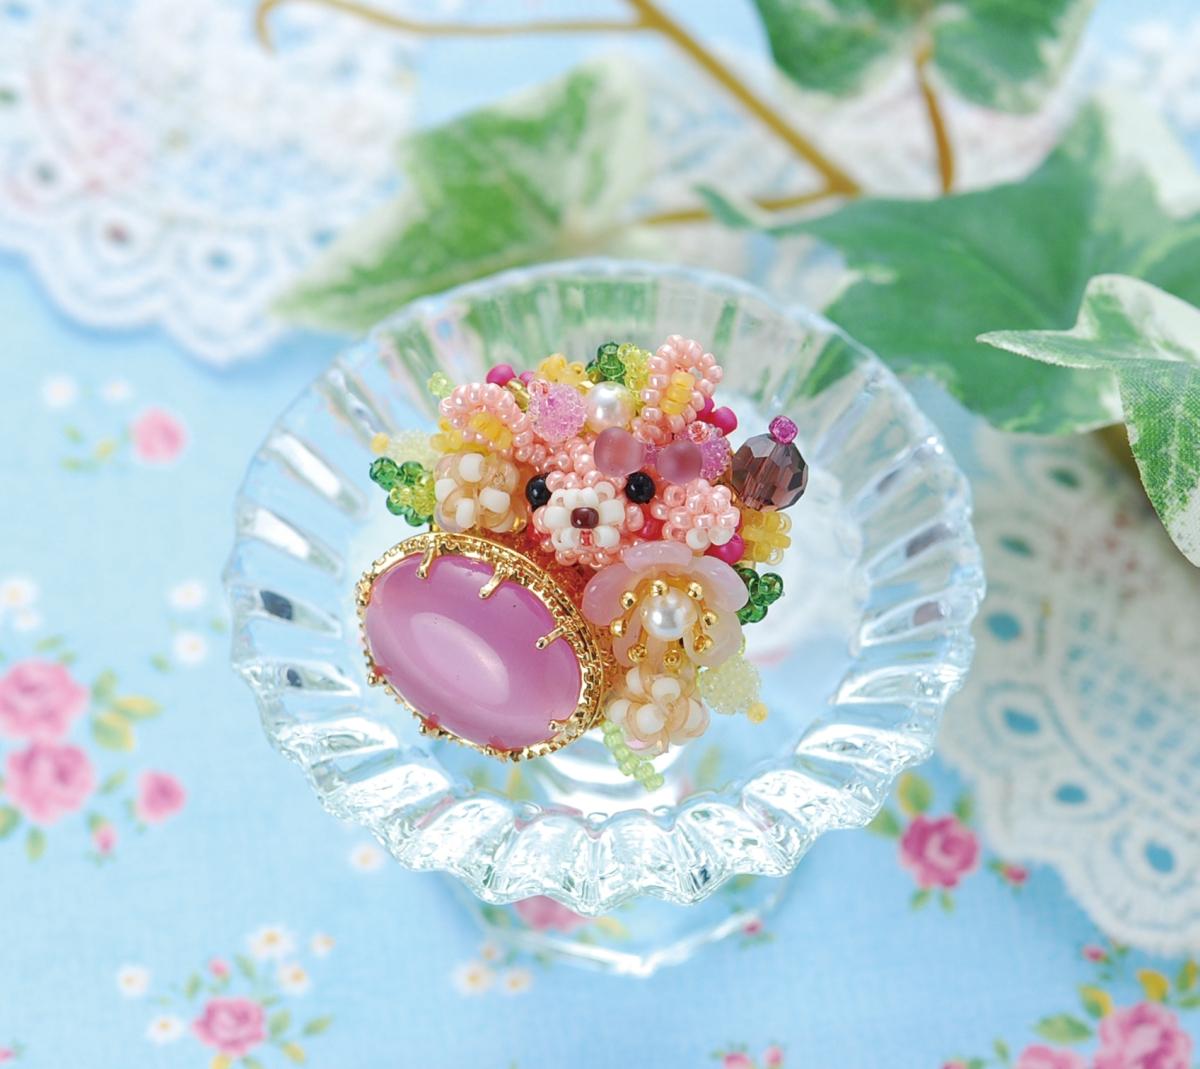 【無料レシピ】ミニうさぎのカボションブローチ~ピンクキャッツアイ~ BM-14342